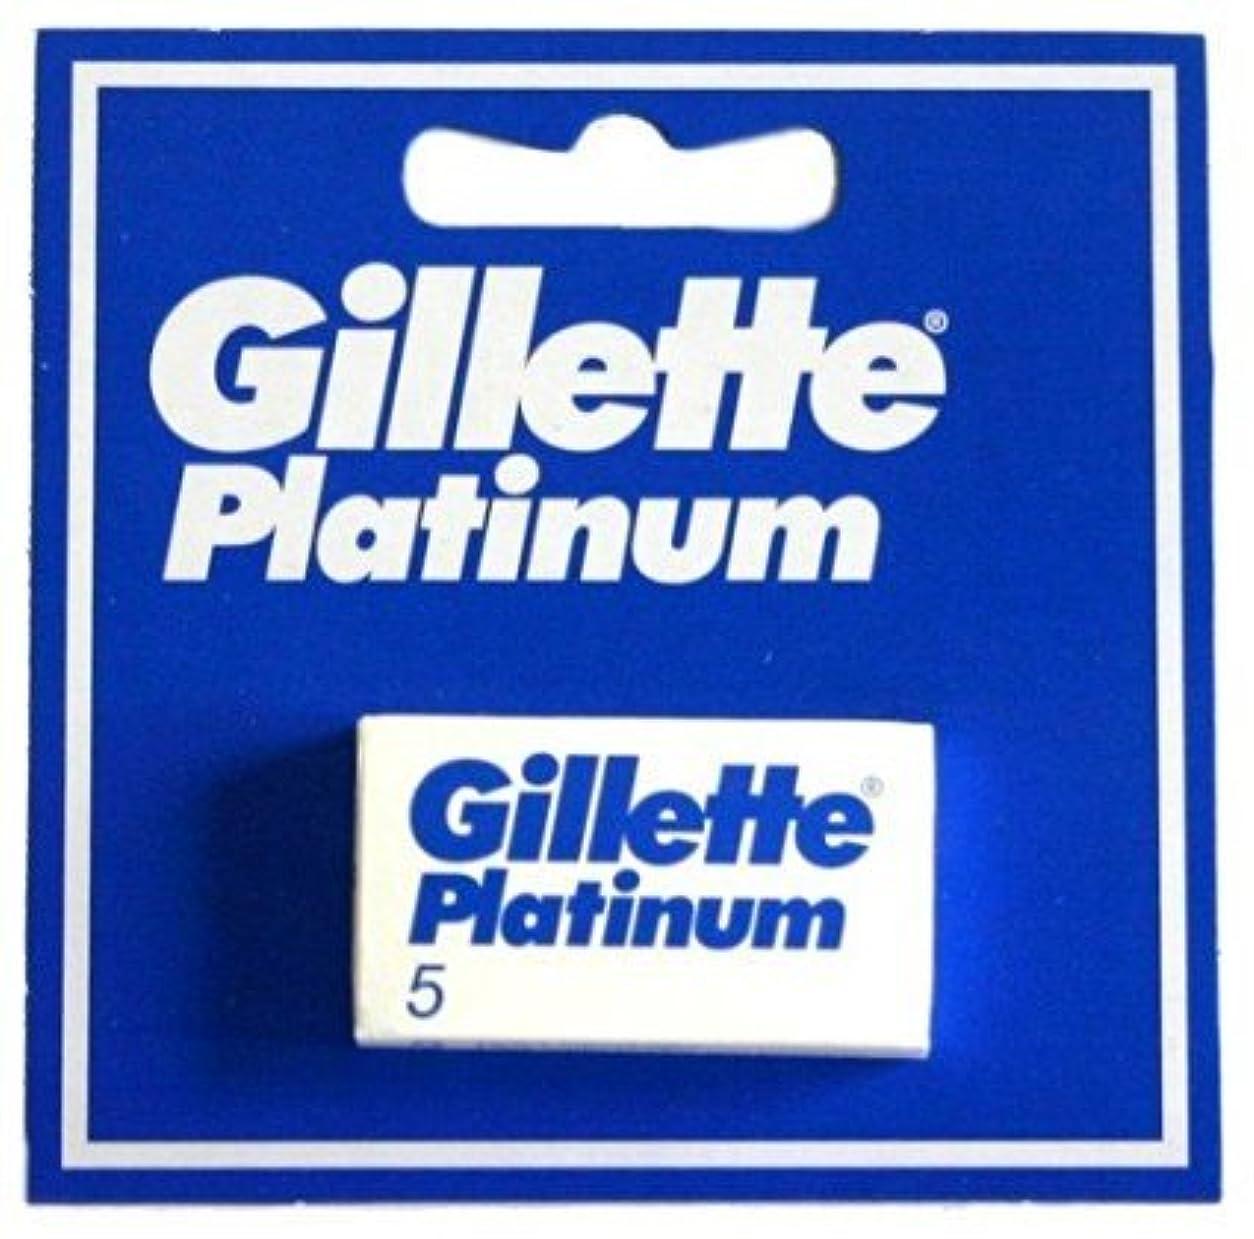 媒染剤砲兵ジョイントGillette Platinum [プレミアムホワイトボックス版!] ジレット プラチナ 両刃替刃 20個入り (5*4) [海外直送品] [並行輸入品]